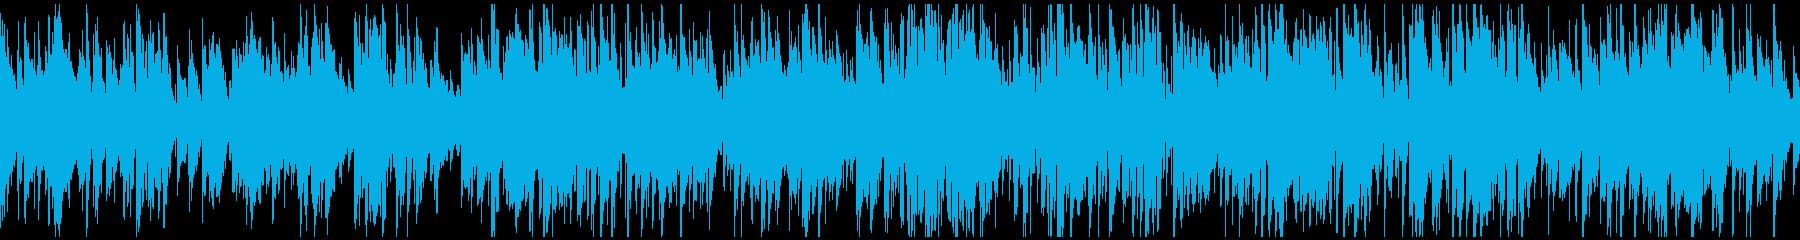 日常系の明るいジャズ、サックス※ループ版の再生済みの波形